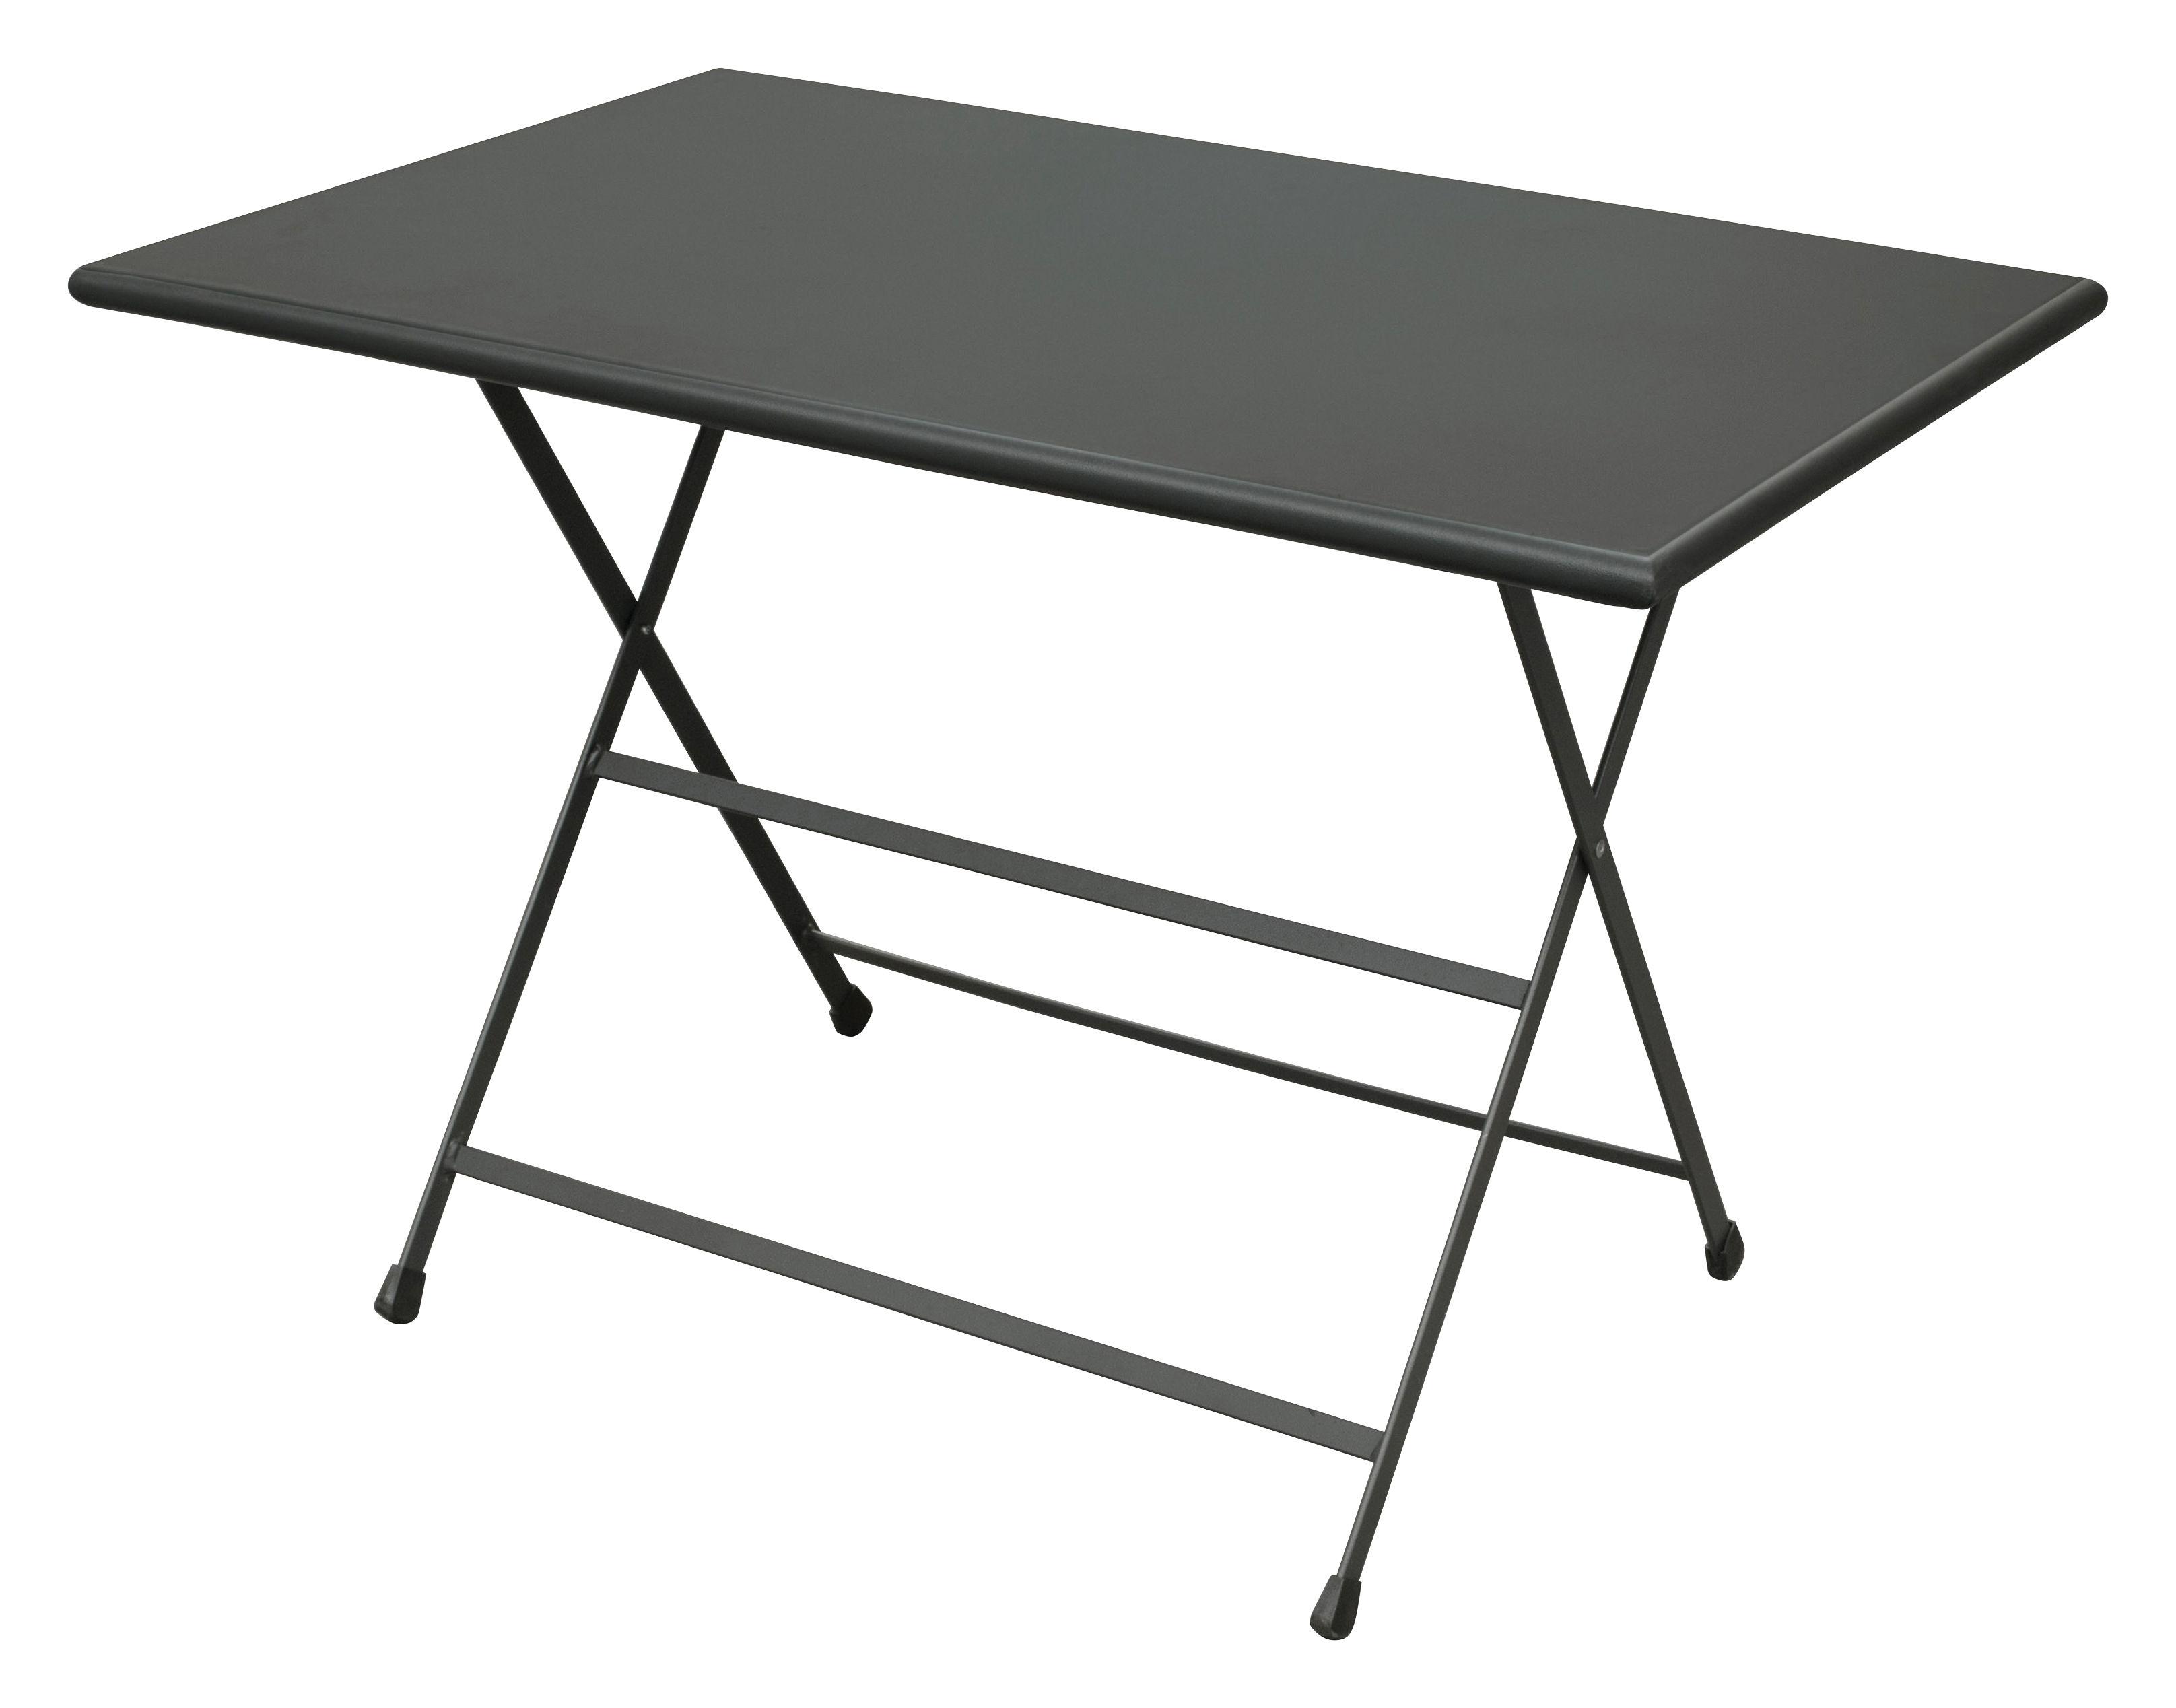 Outdoor - Tables de jardin - Table pliante Arc en Ciel / 110 x 70 cm - Emu - Fer ancien - Acier inoxydable verni